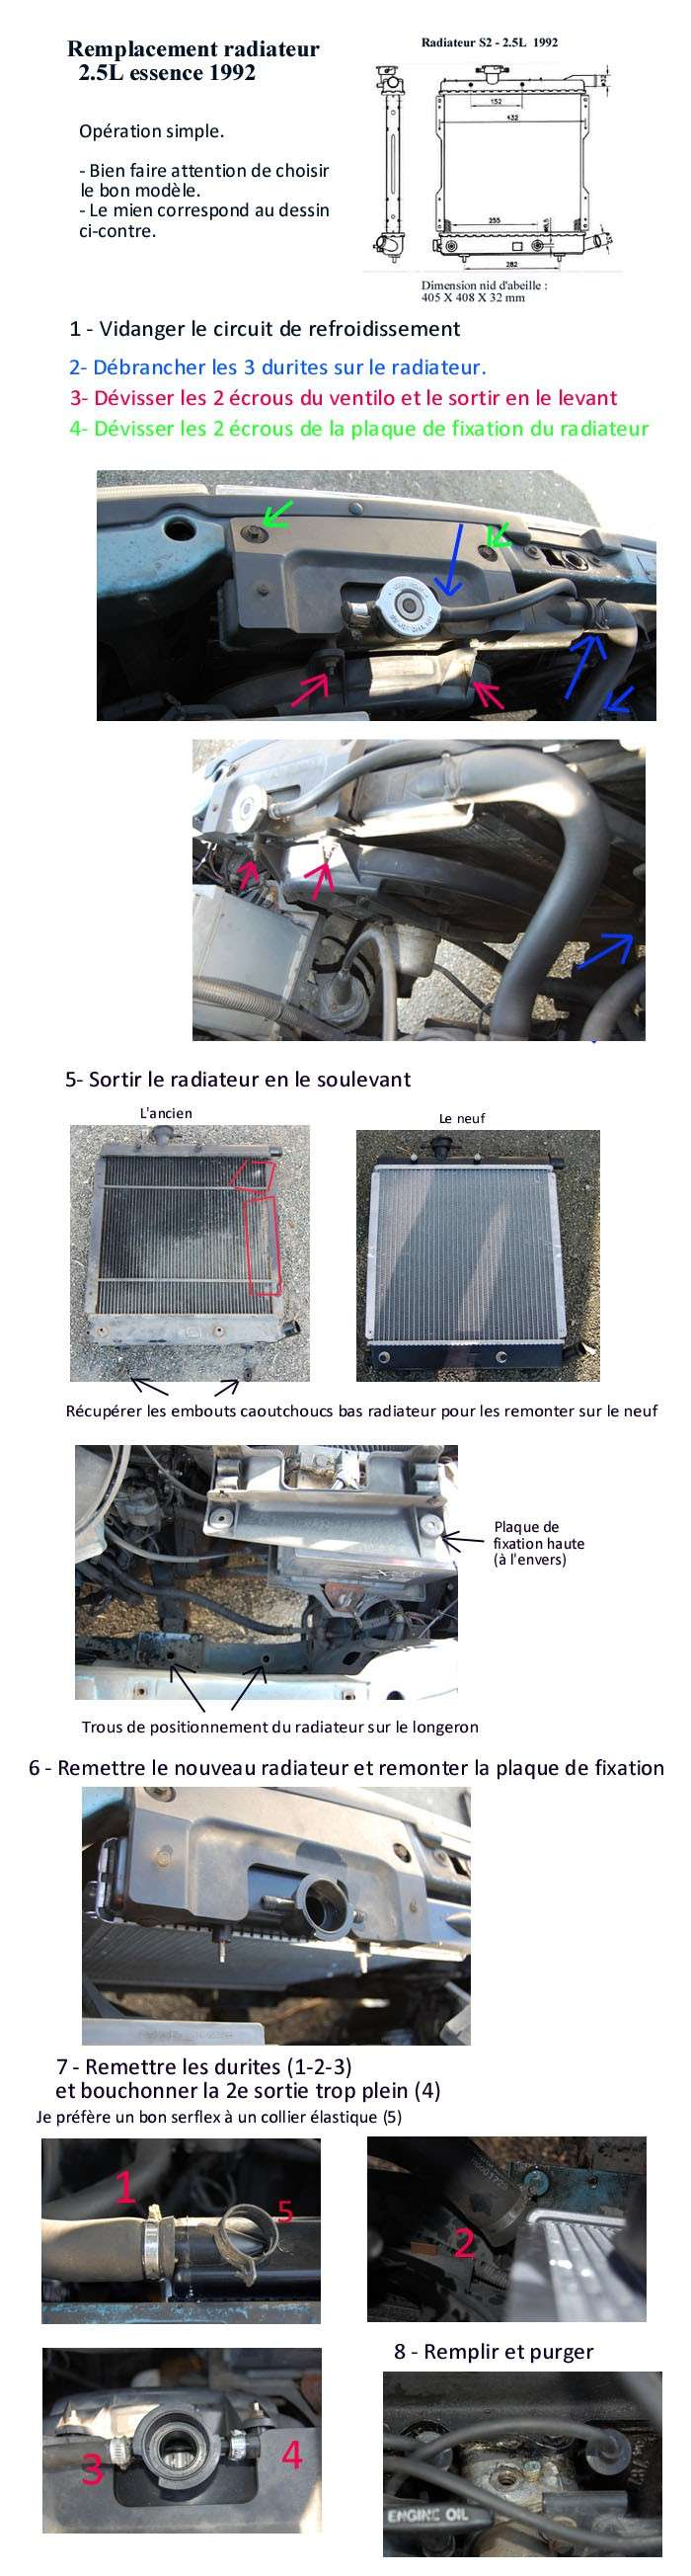 radiateur - Remplacement radiateur sur S2 - 2.5L essence - 1992 Radiat11